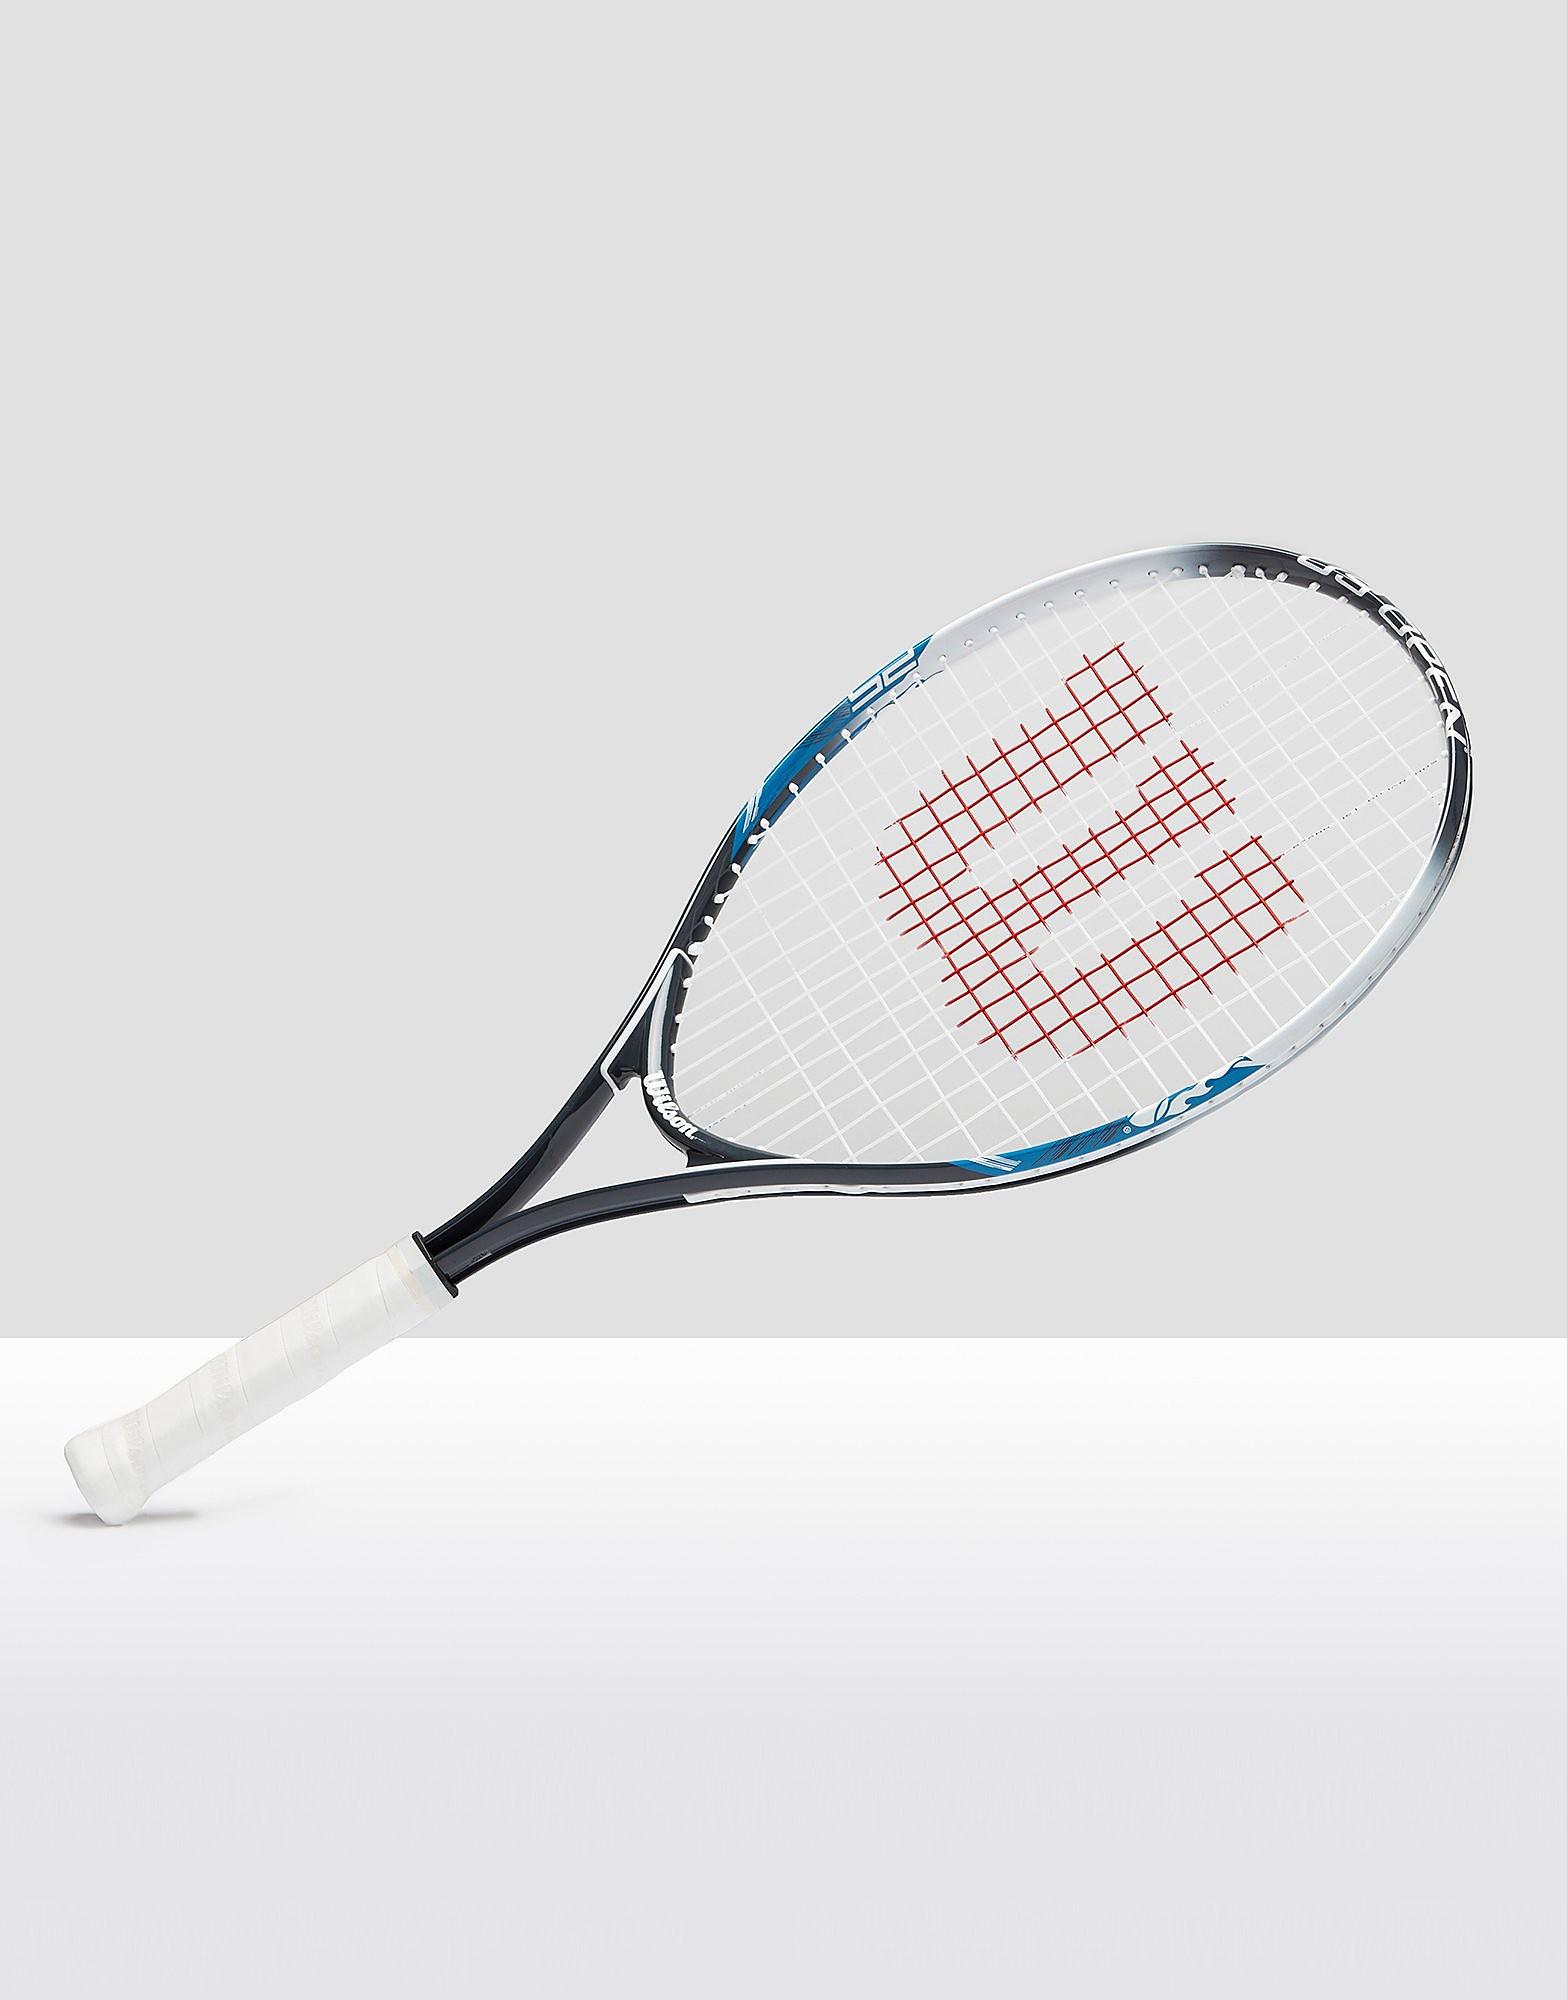 Wilson US Open 23 Junior Tennis Racket